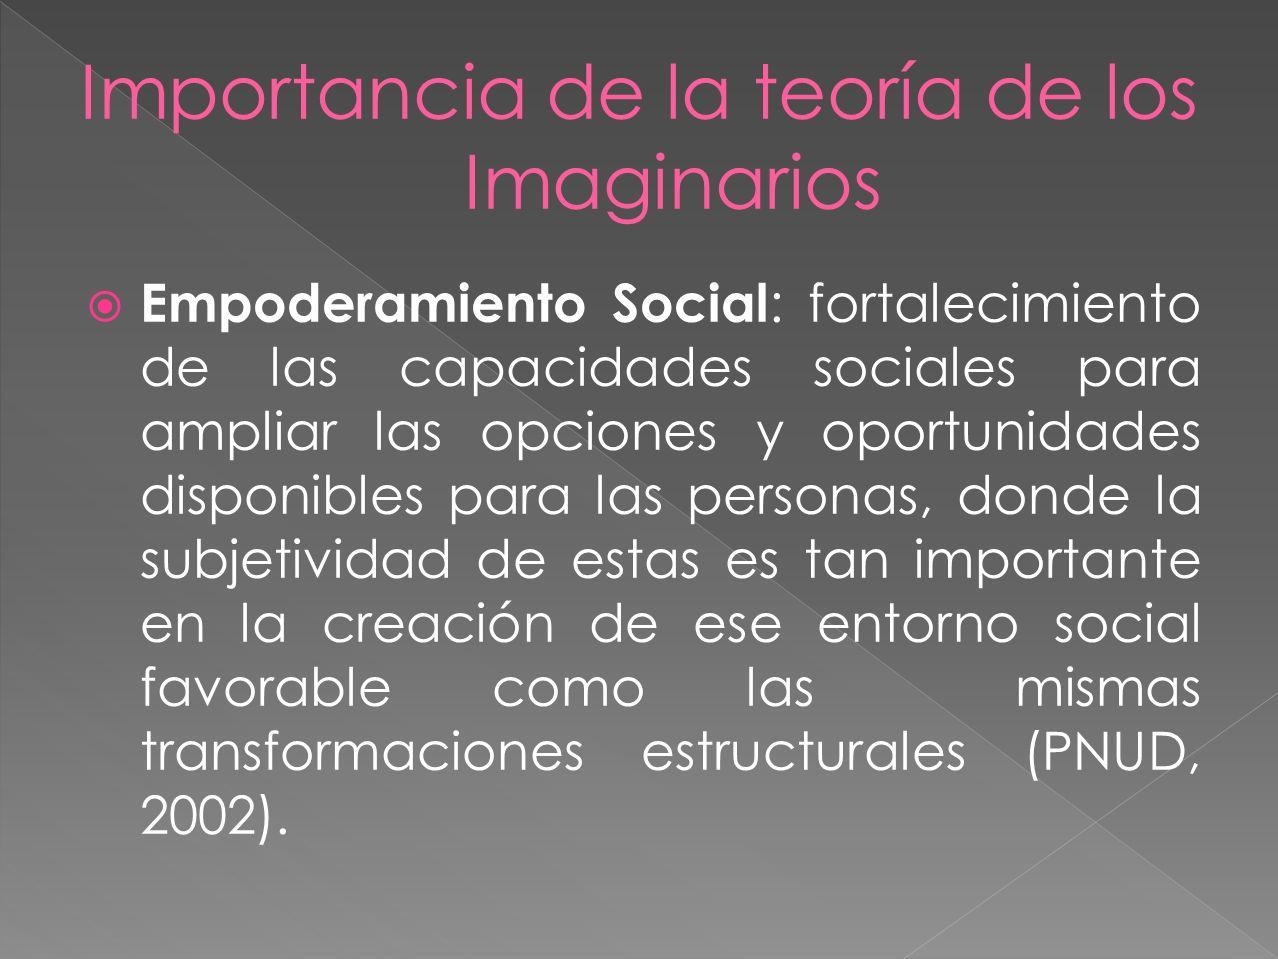 Empoderamiento Social : fortalecimiento de las capacidades sociales para ampliar las opciones y oportunidades disponibles para las personas, donde la subjetividad de estas es tan importante en la creación de ese entorno social favorable como las mismas transformaciones estructurales (PNUD, 2002).